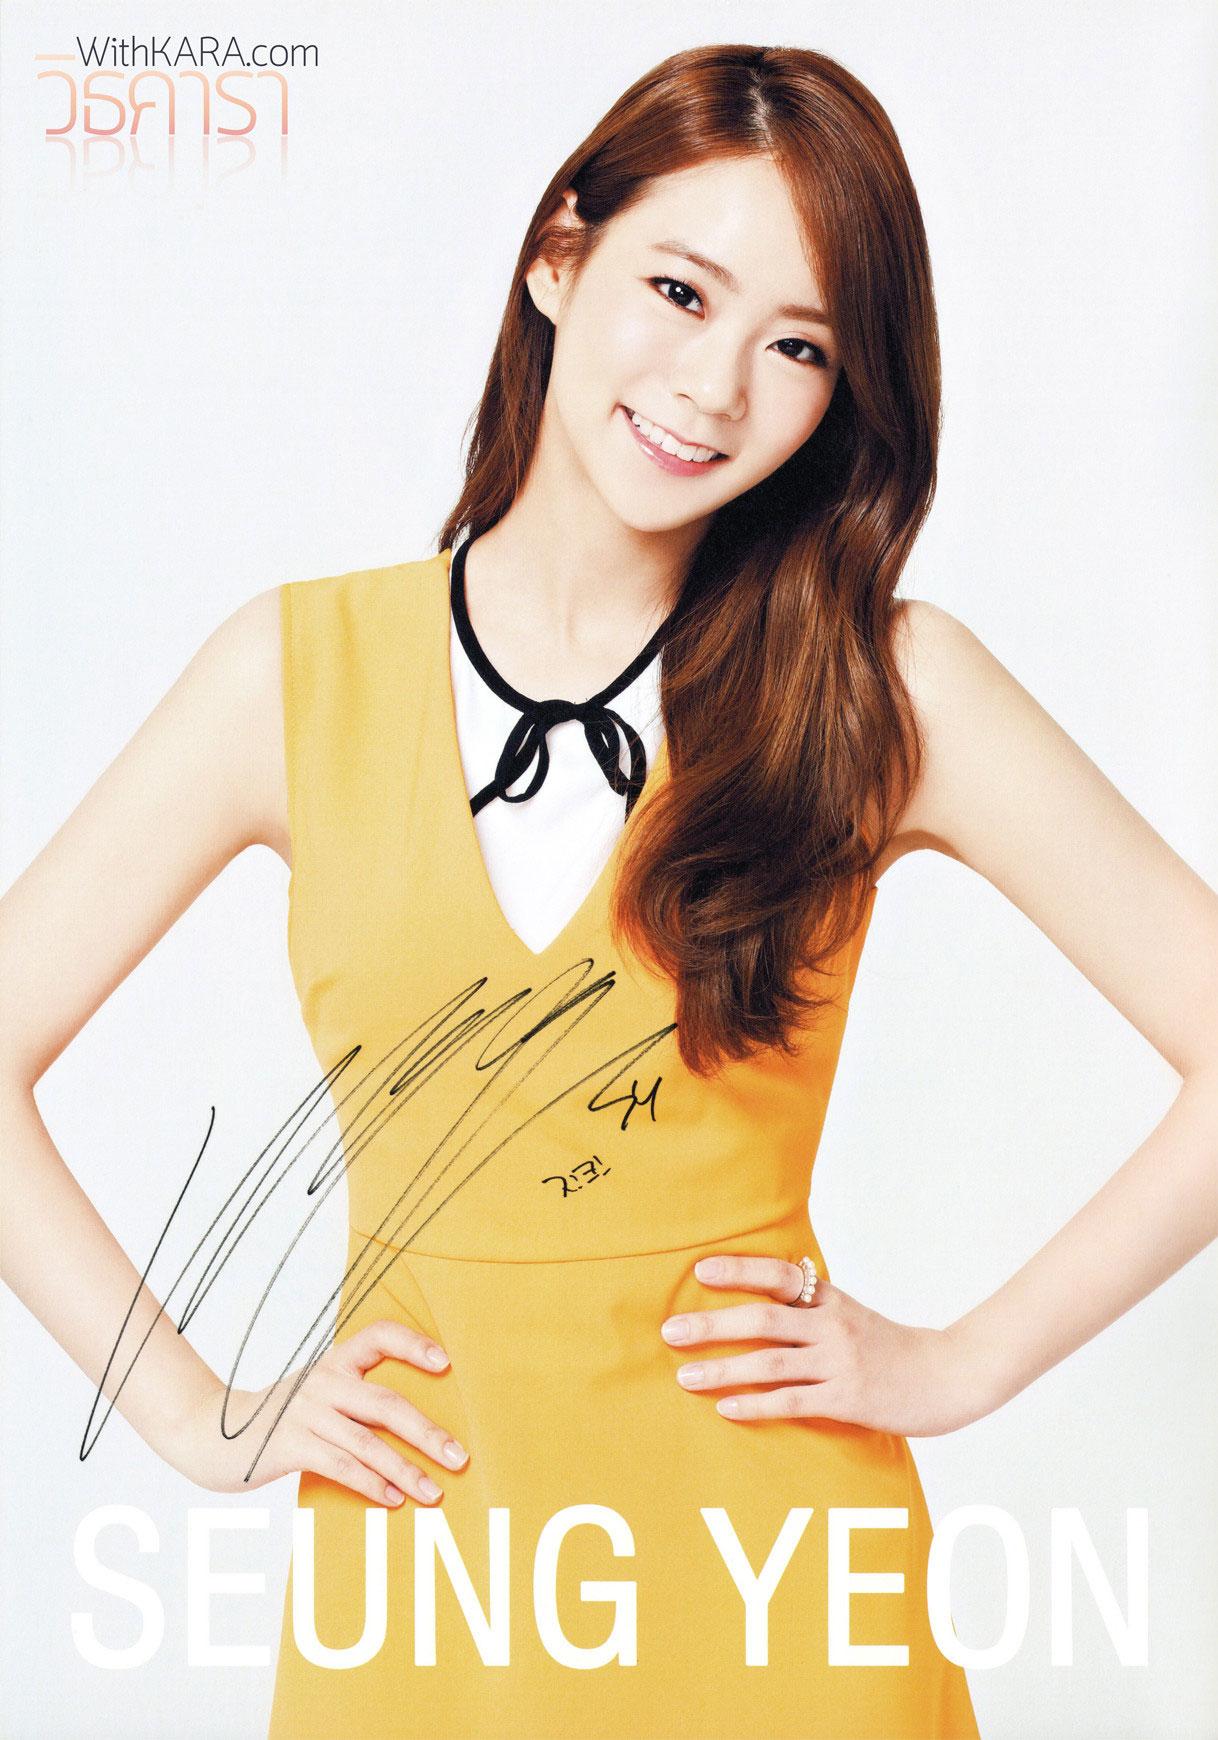 KARA Seungyeon 3rd Japan Tour Photobook